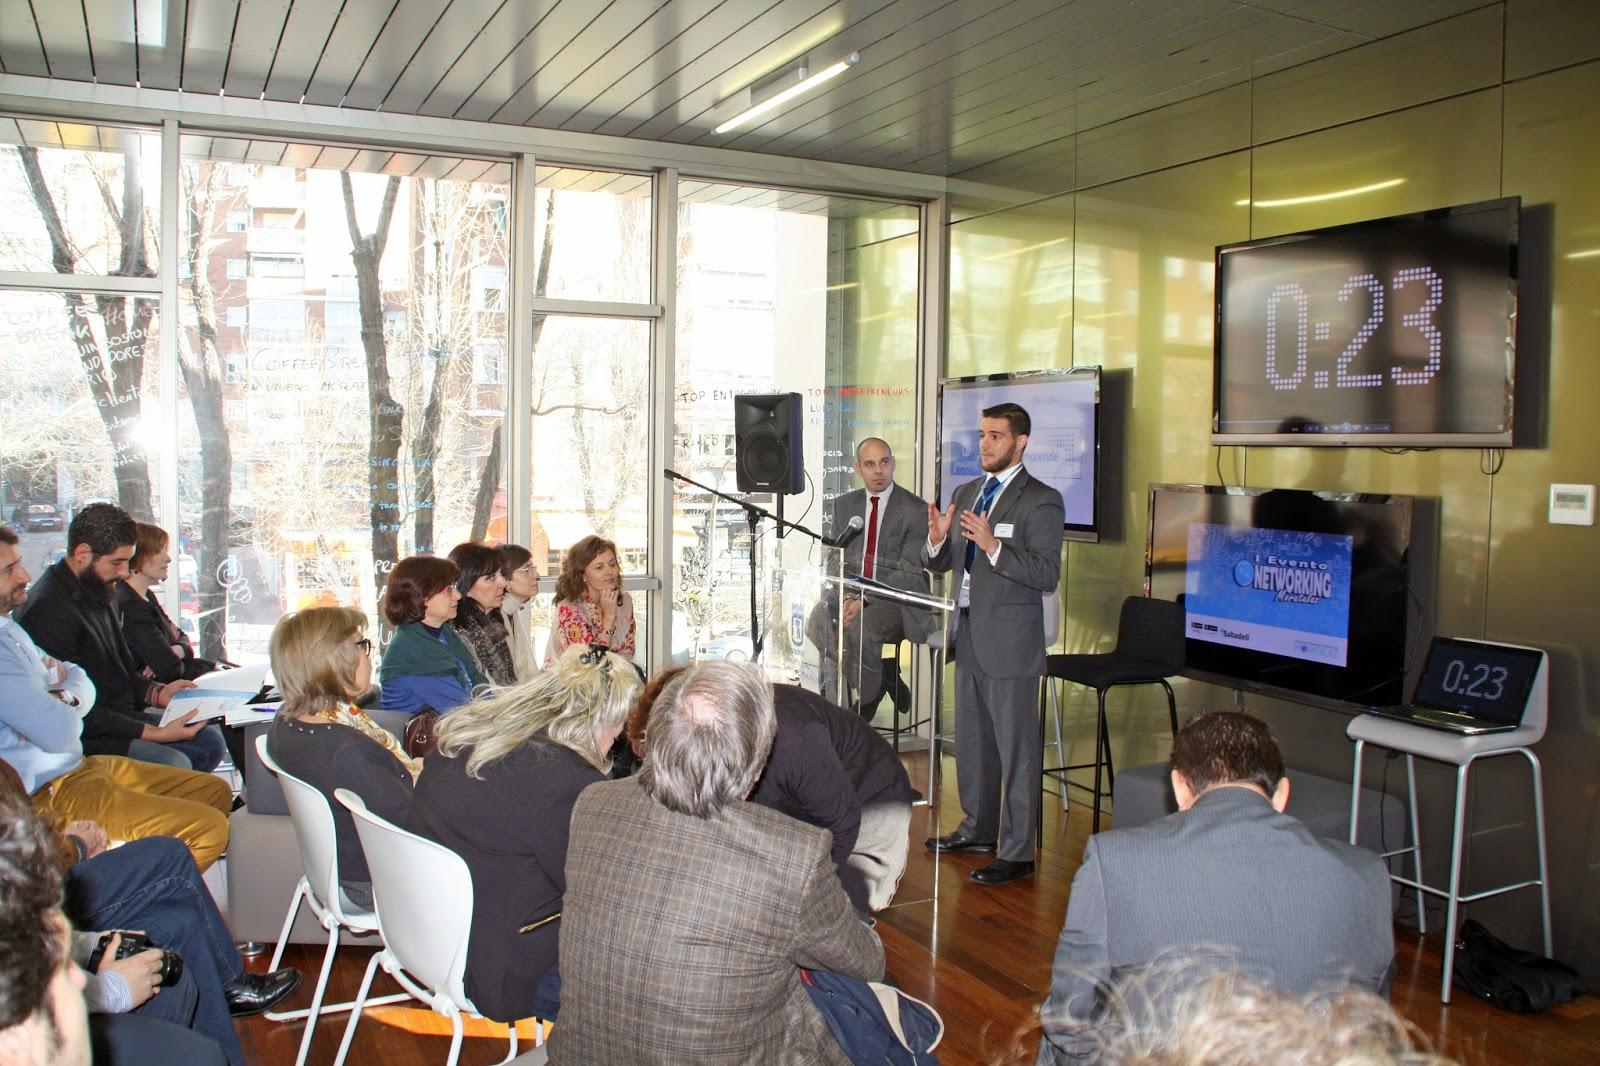 El representante de TYCO durante su exposición.